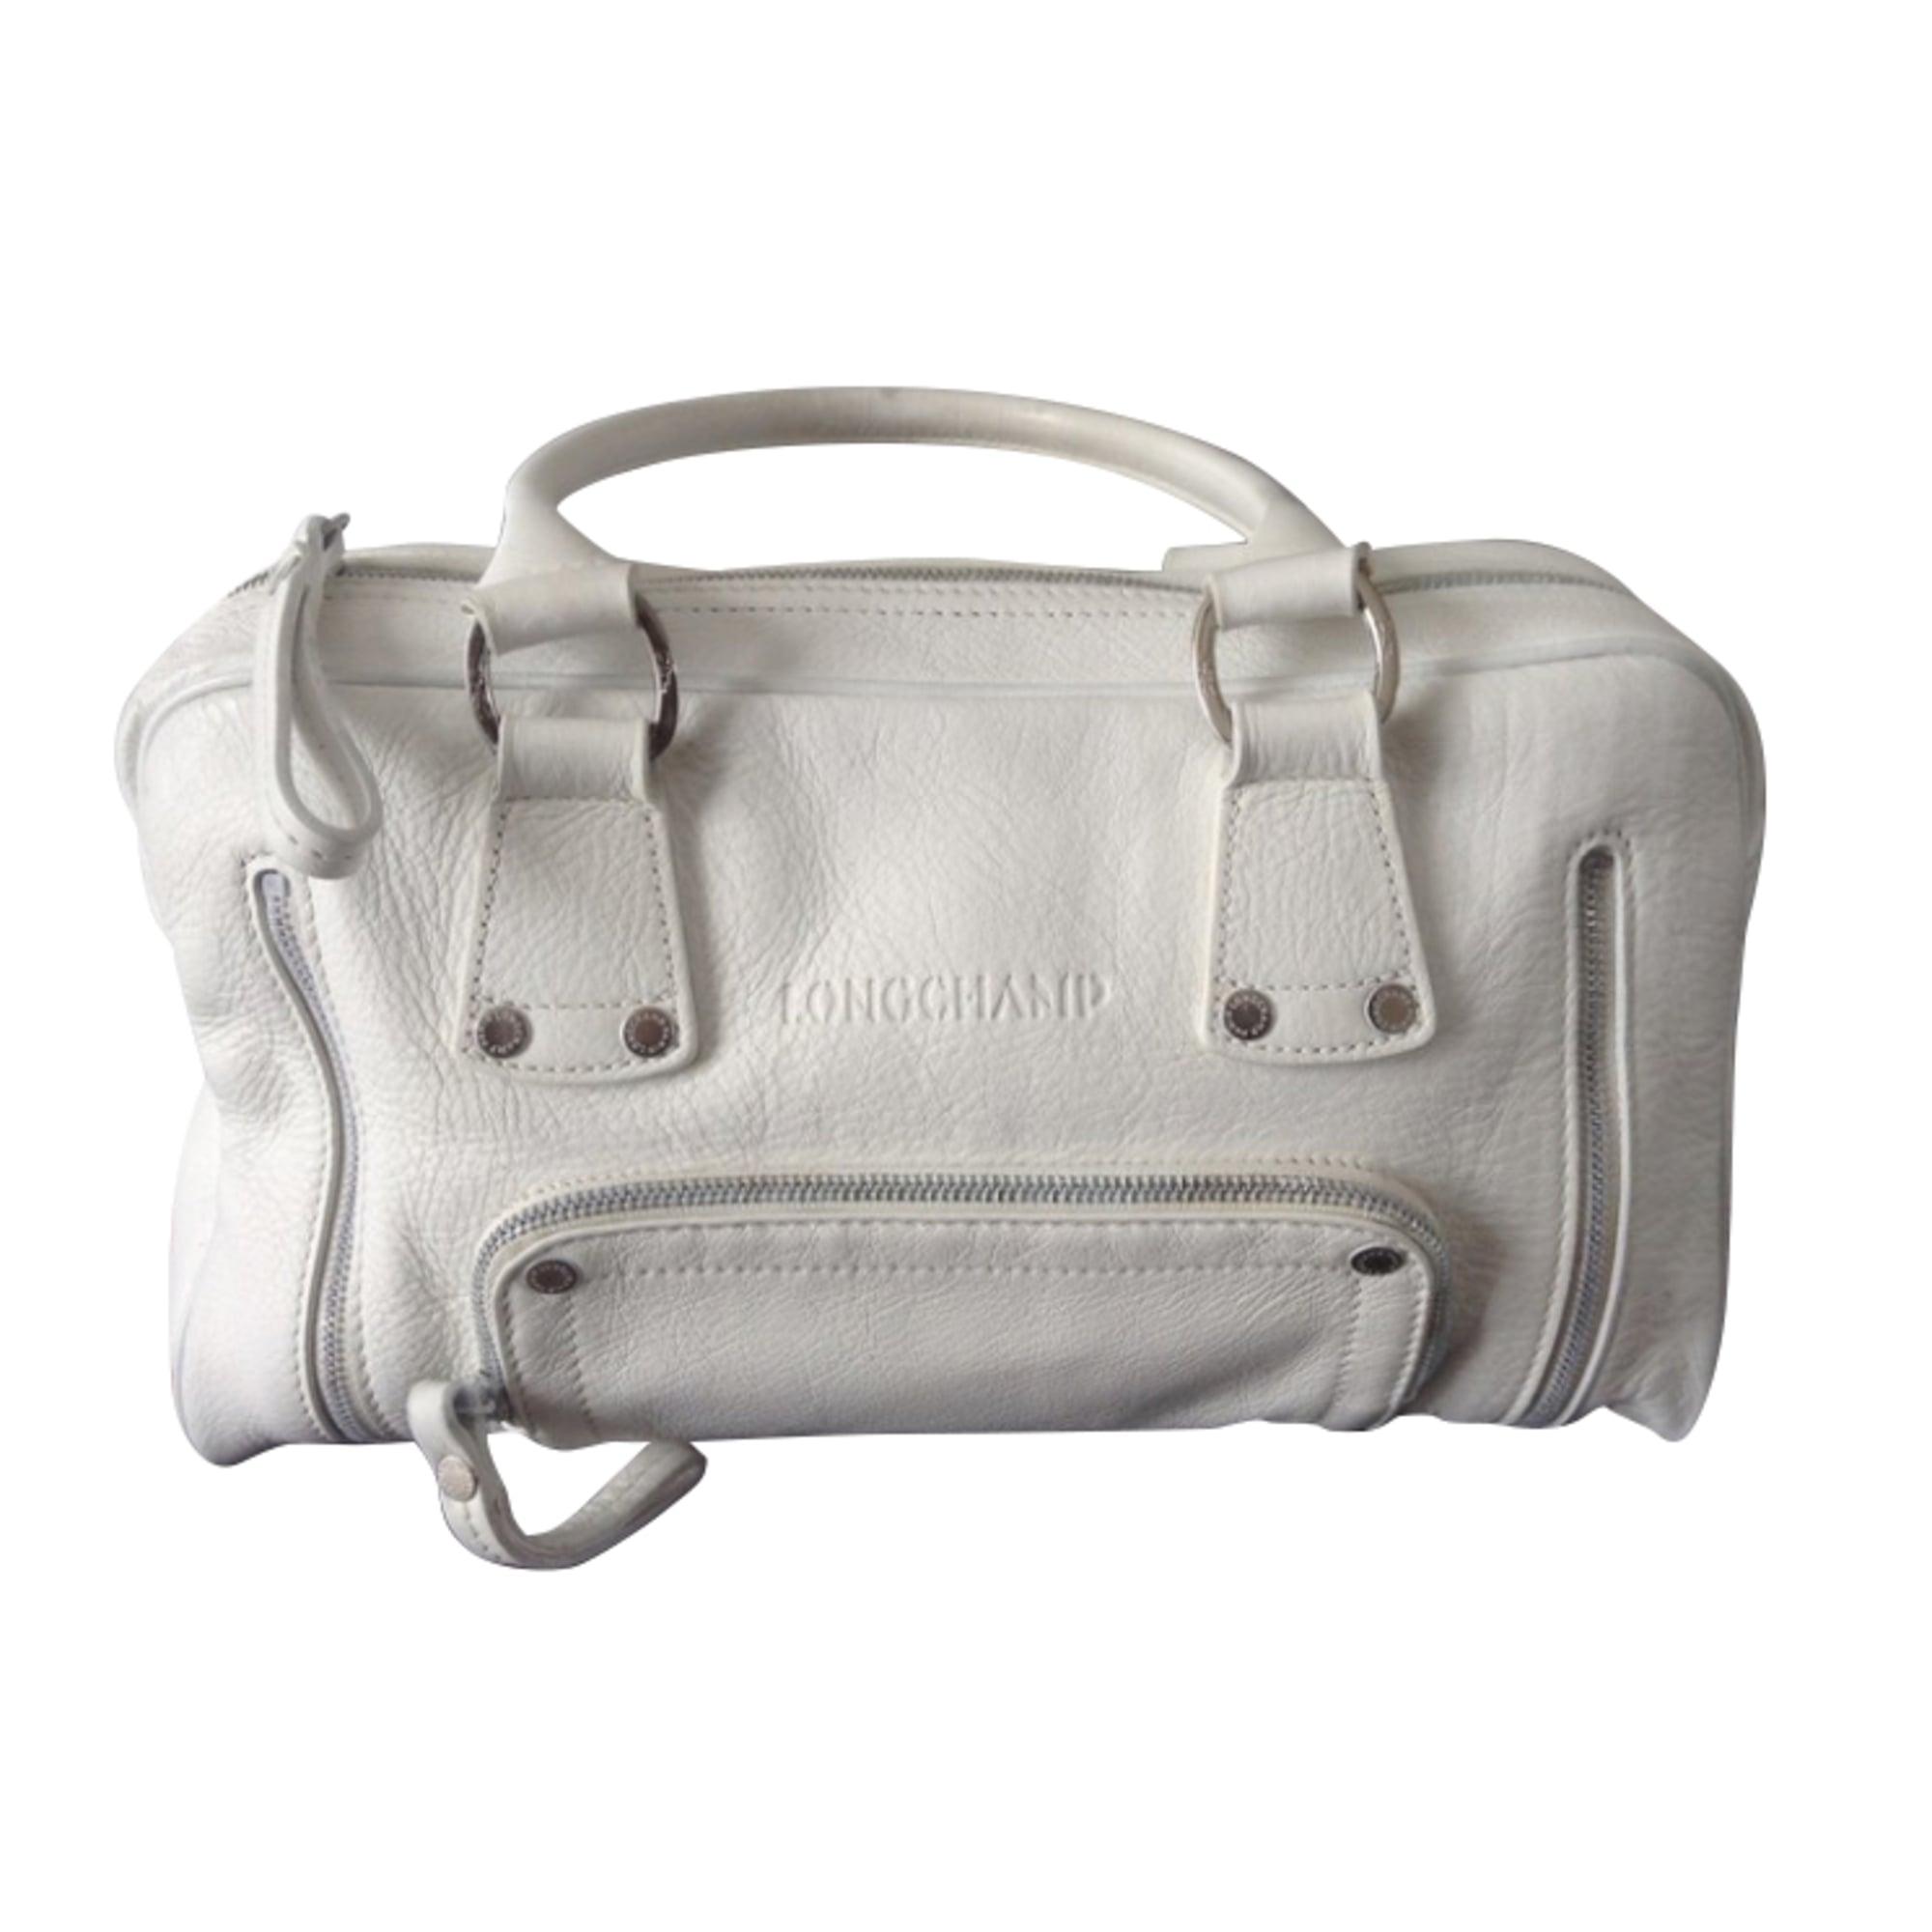 Leroyaumedejade Borsa Longchamp in venduta da pelle 6341363 bianca YqzTSOq